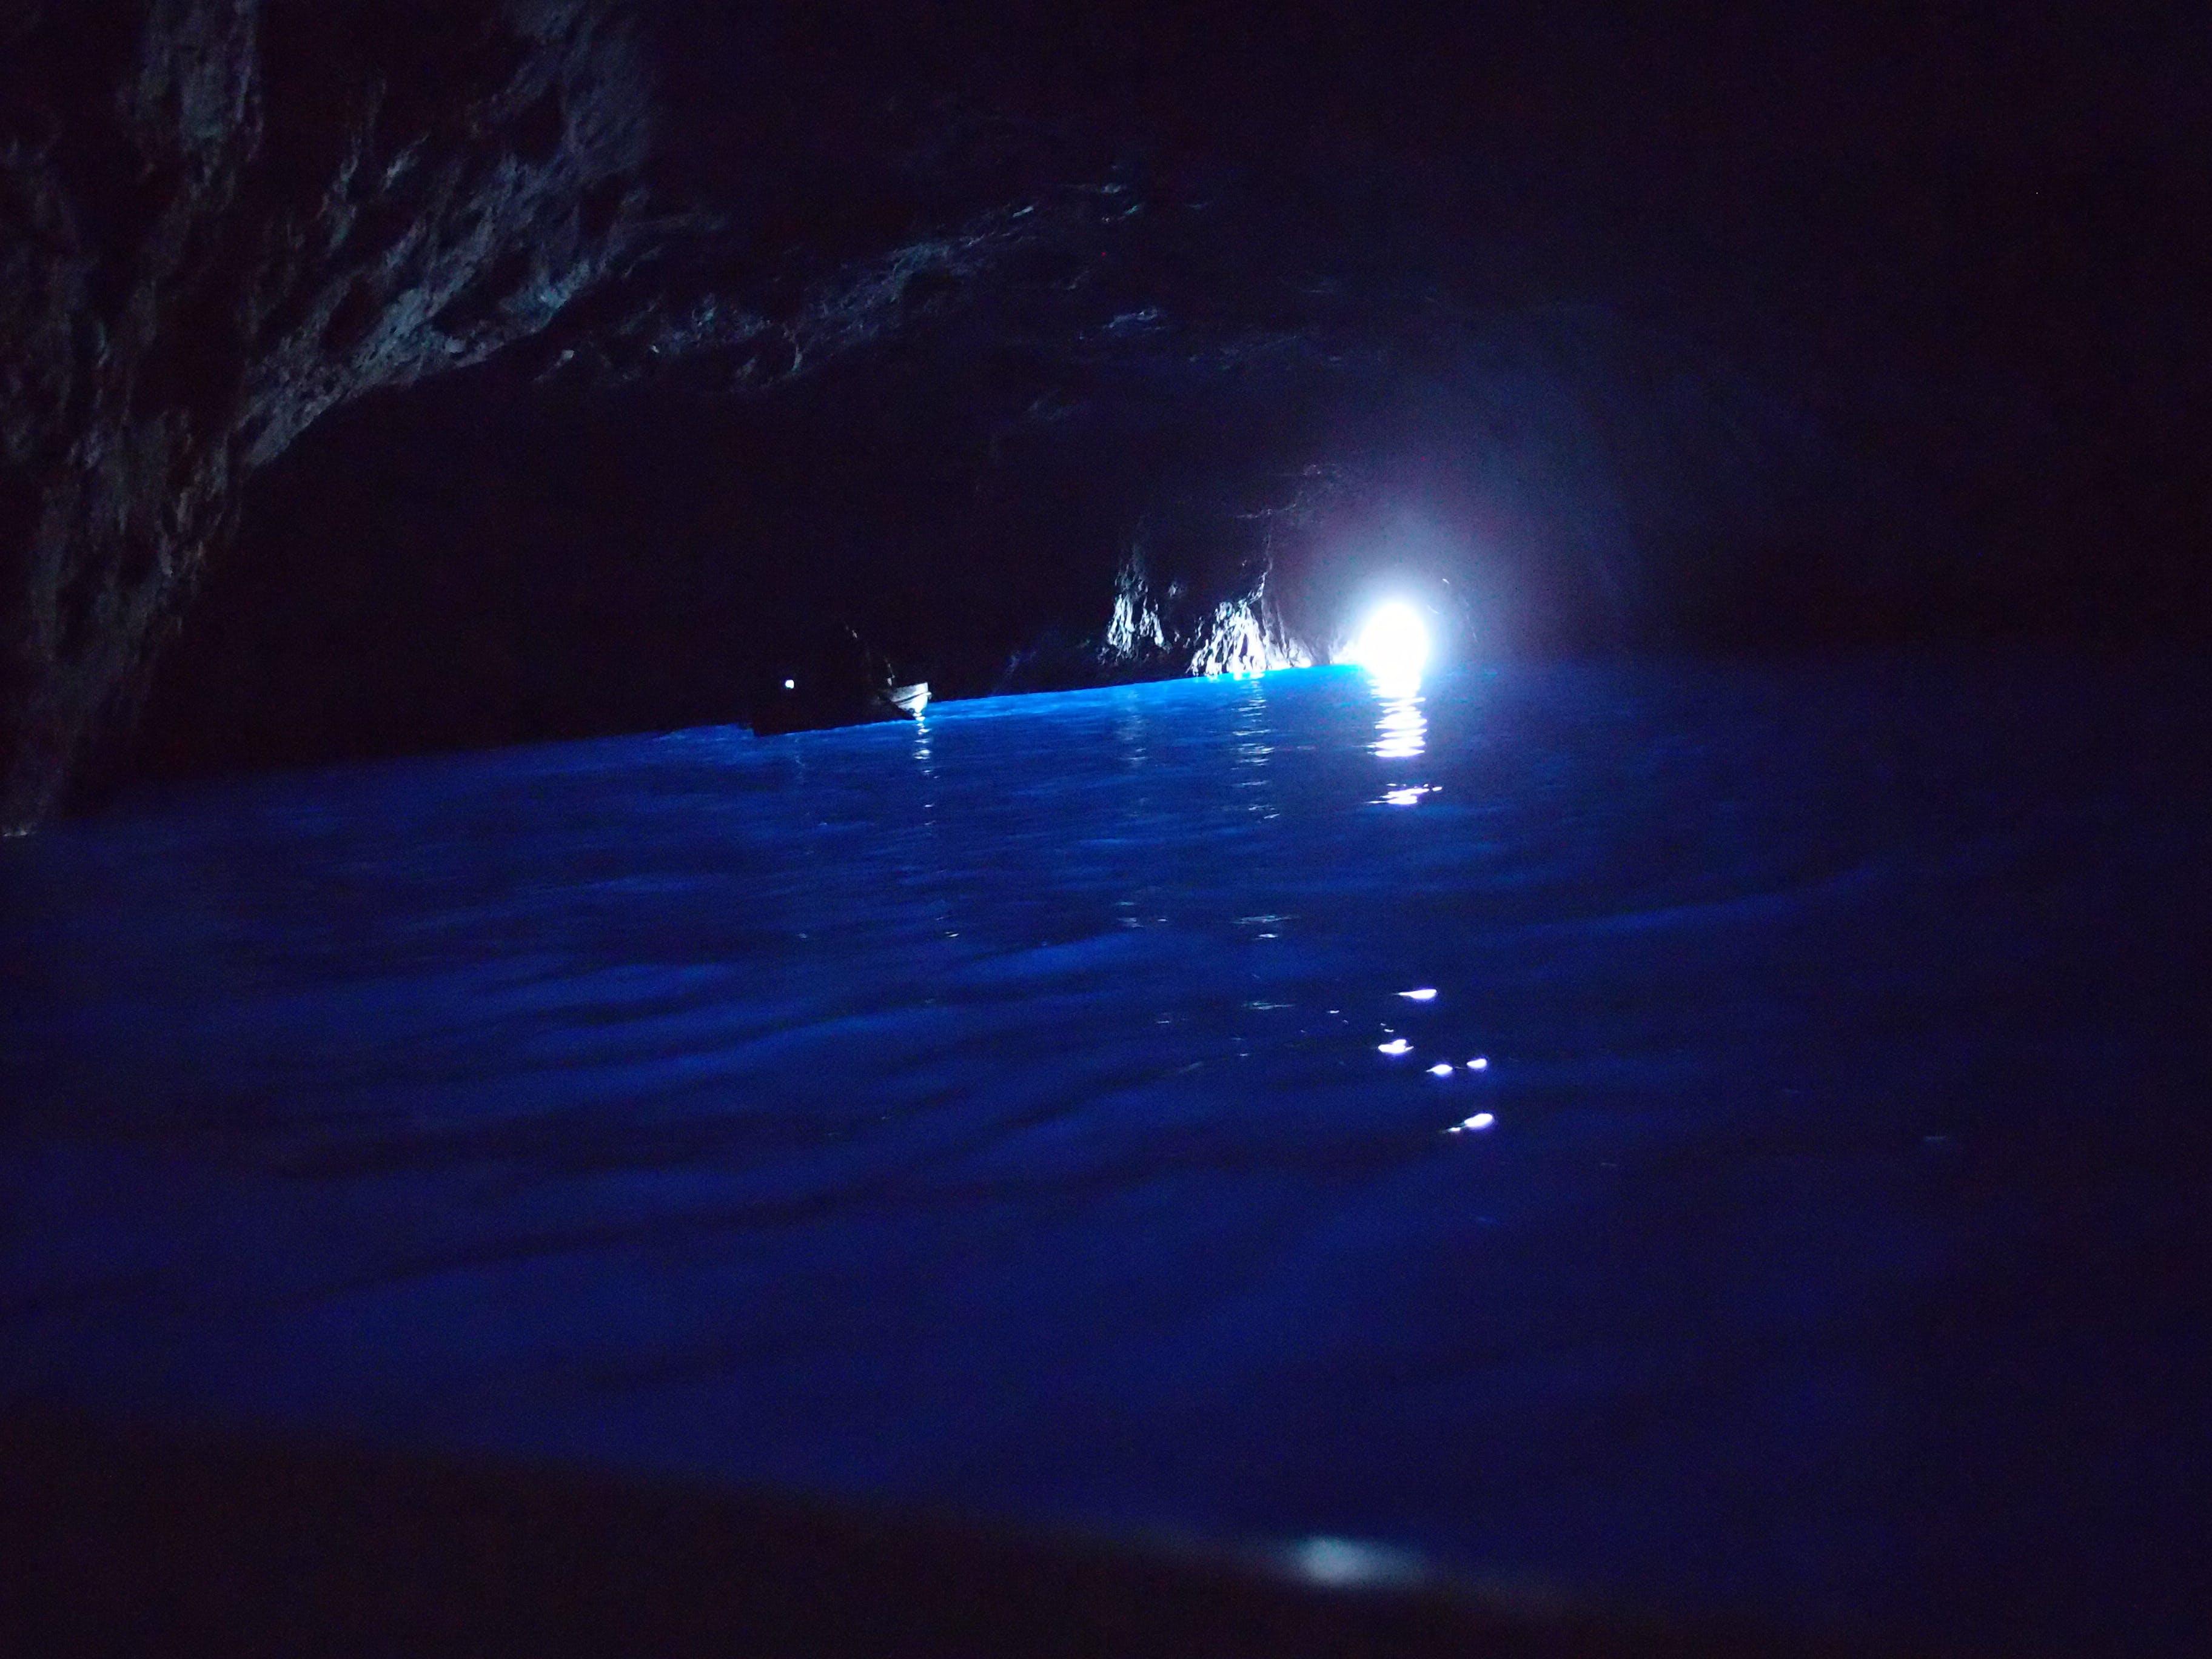 Free stock photo of Blue Grotto, capri, italy